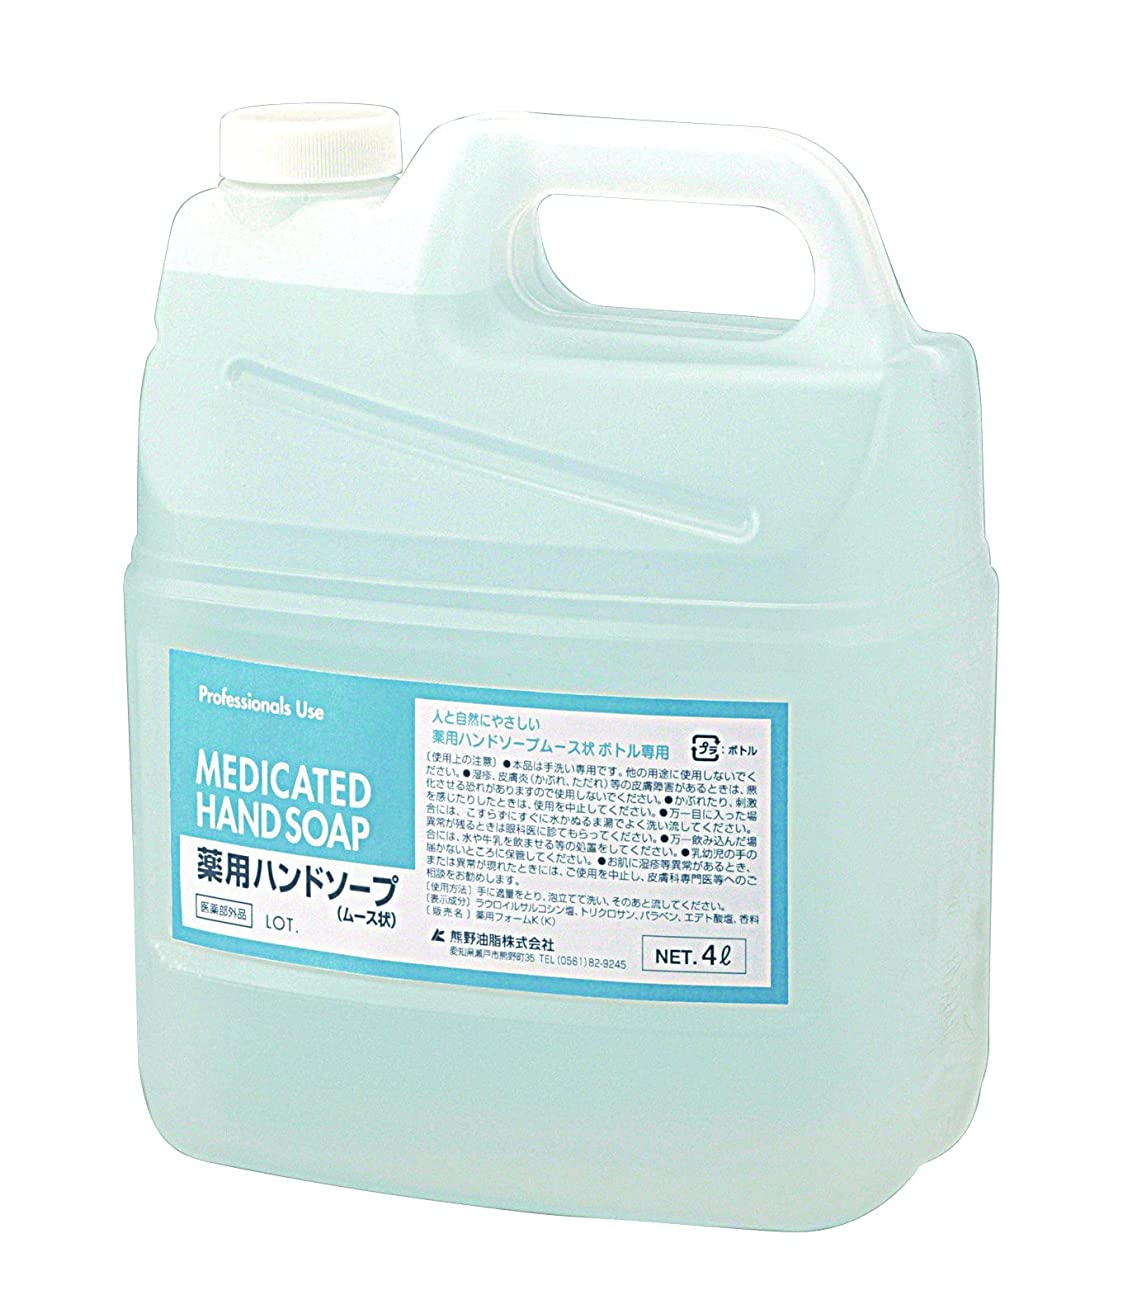 南東製品正当化するセディア薬用ハンドソープ(泡タイプ) 4L /8-6279-11 [医薬部外品]